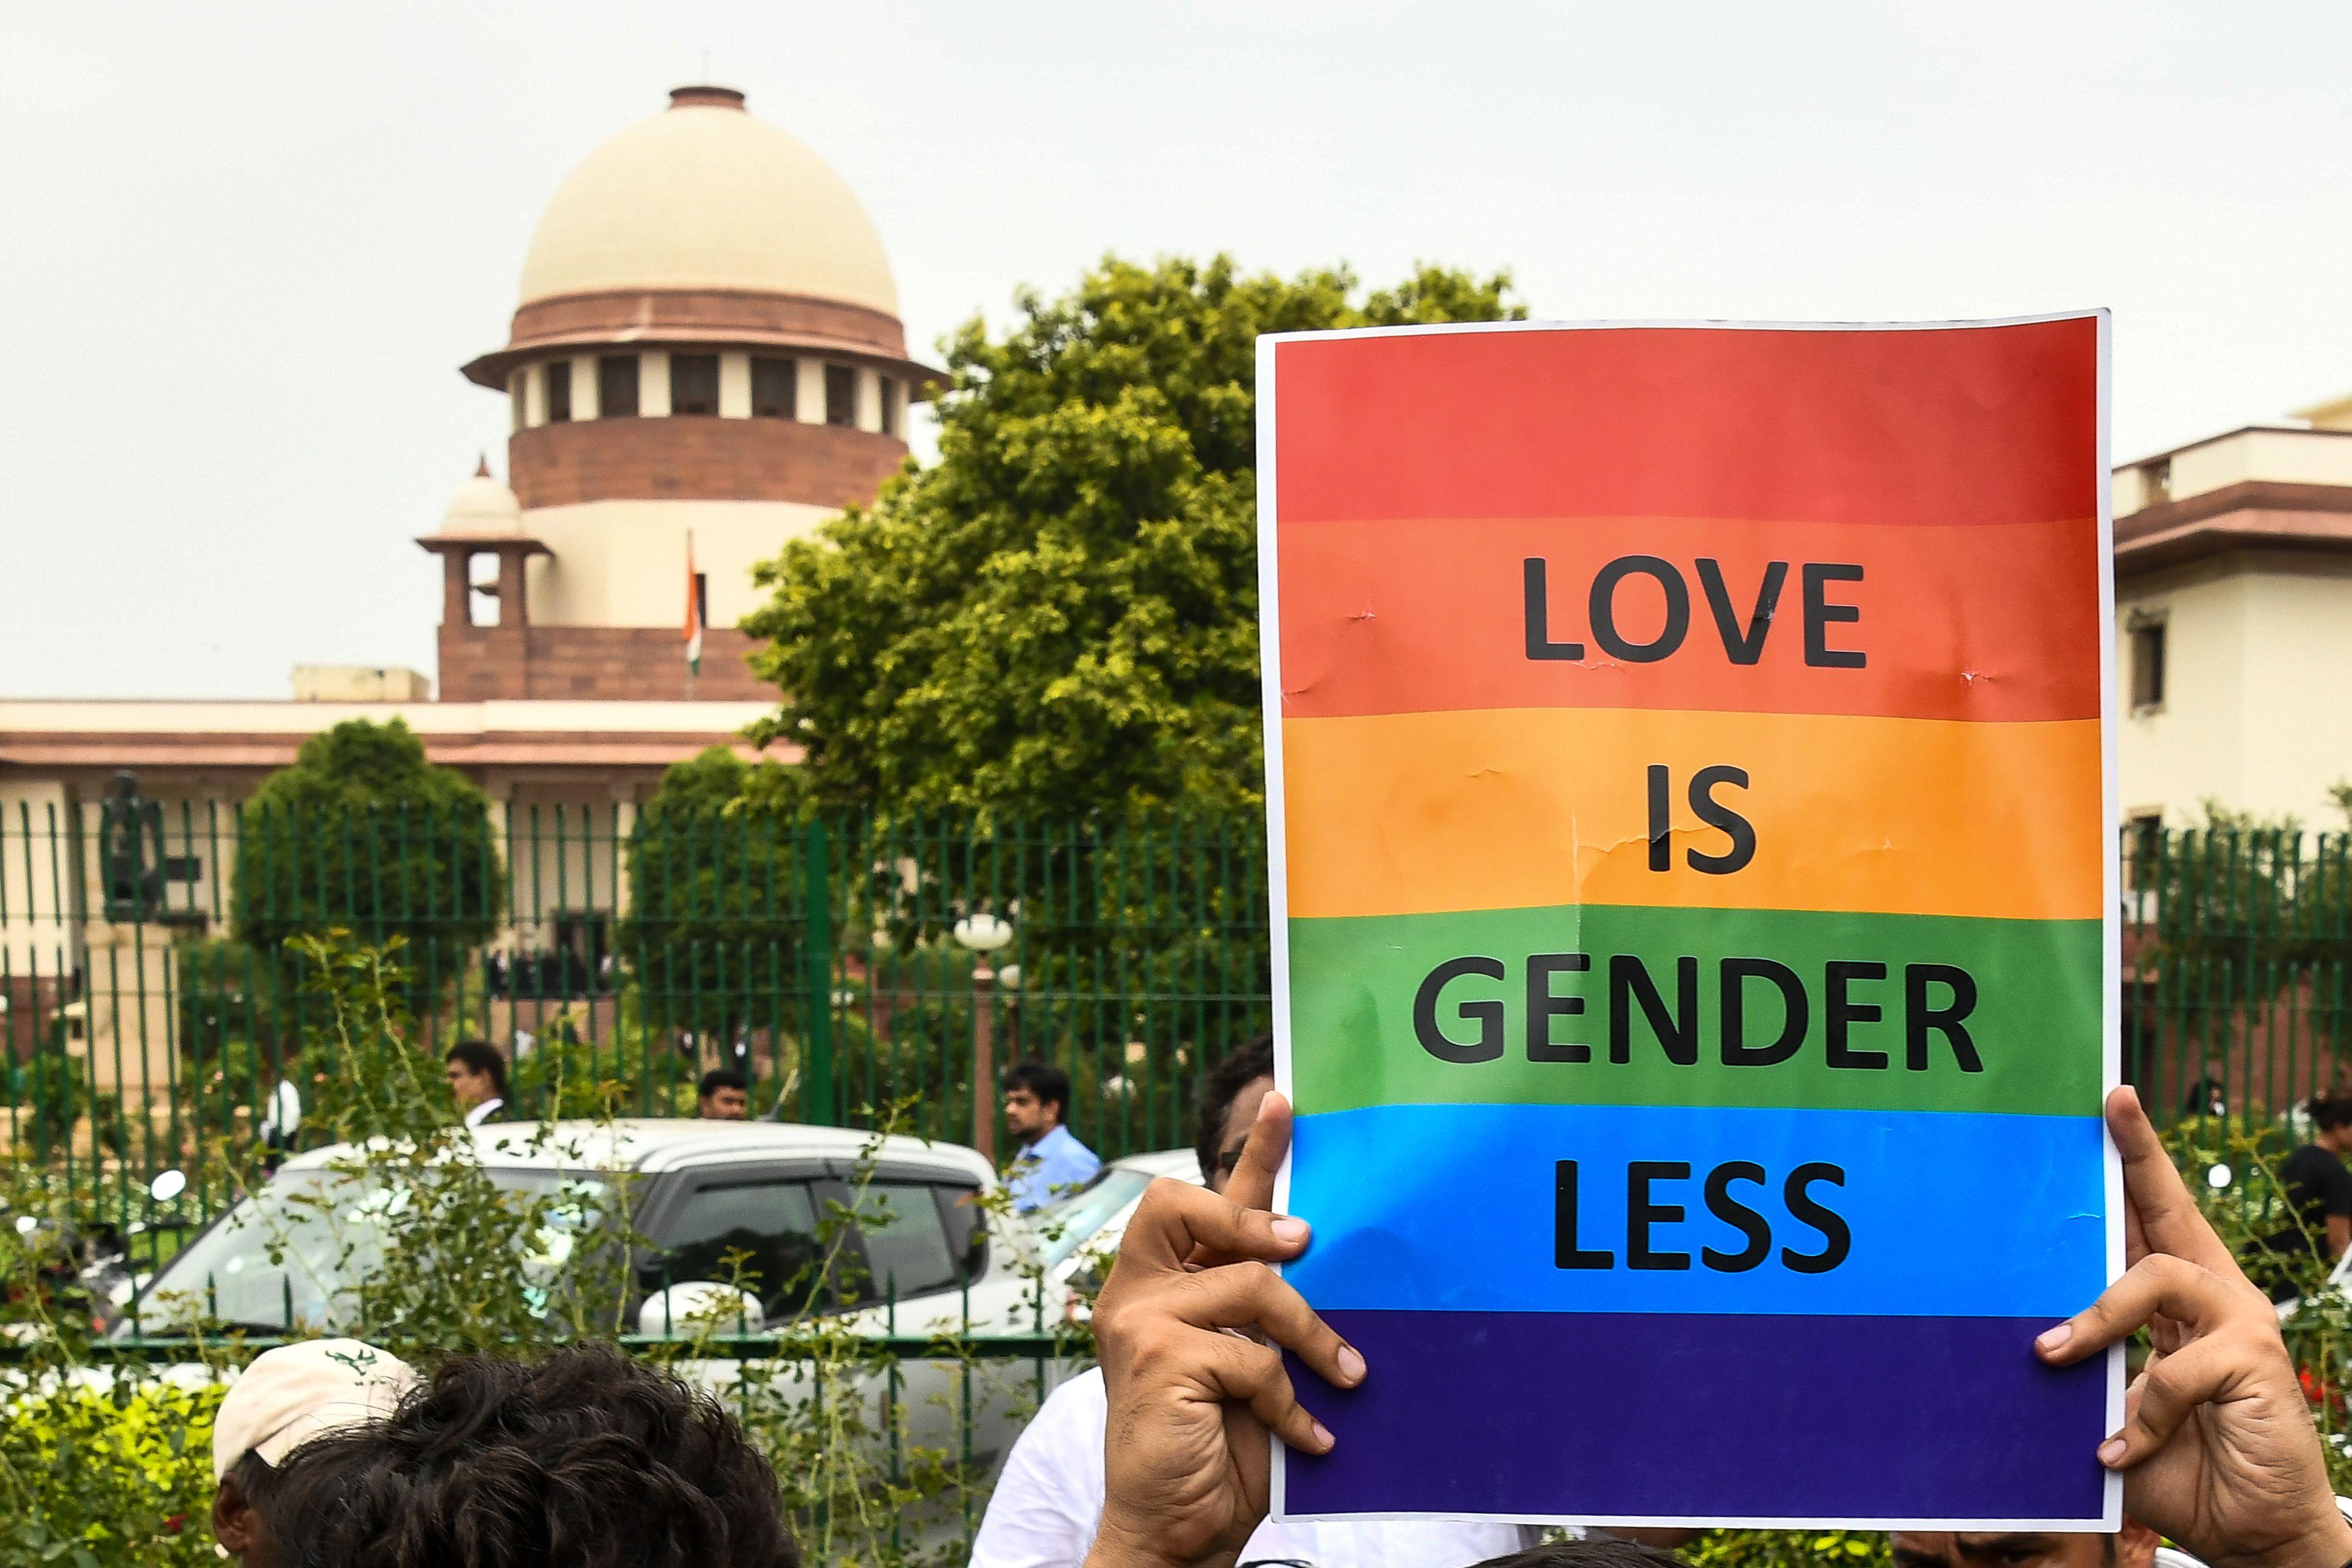 لافتات تؤيد المثلية الجنسية